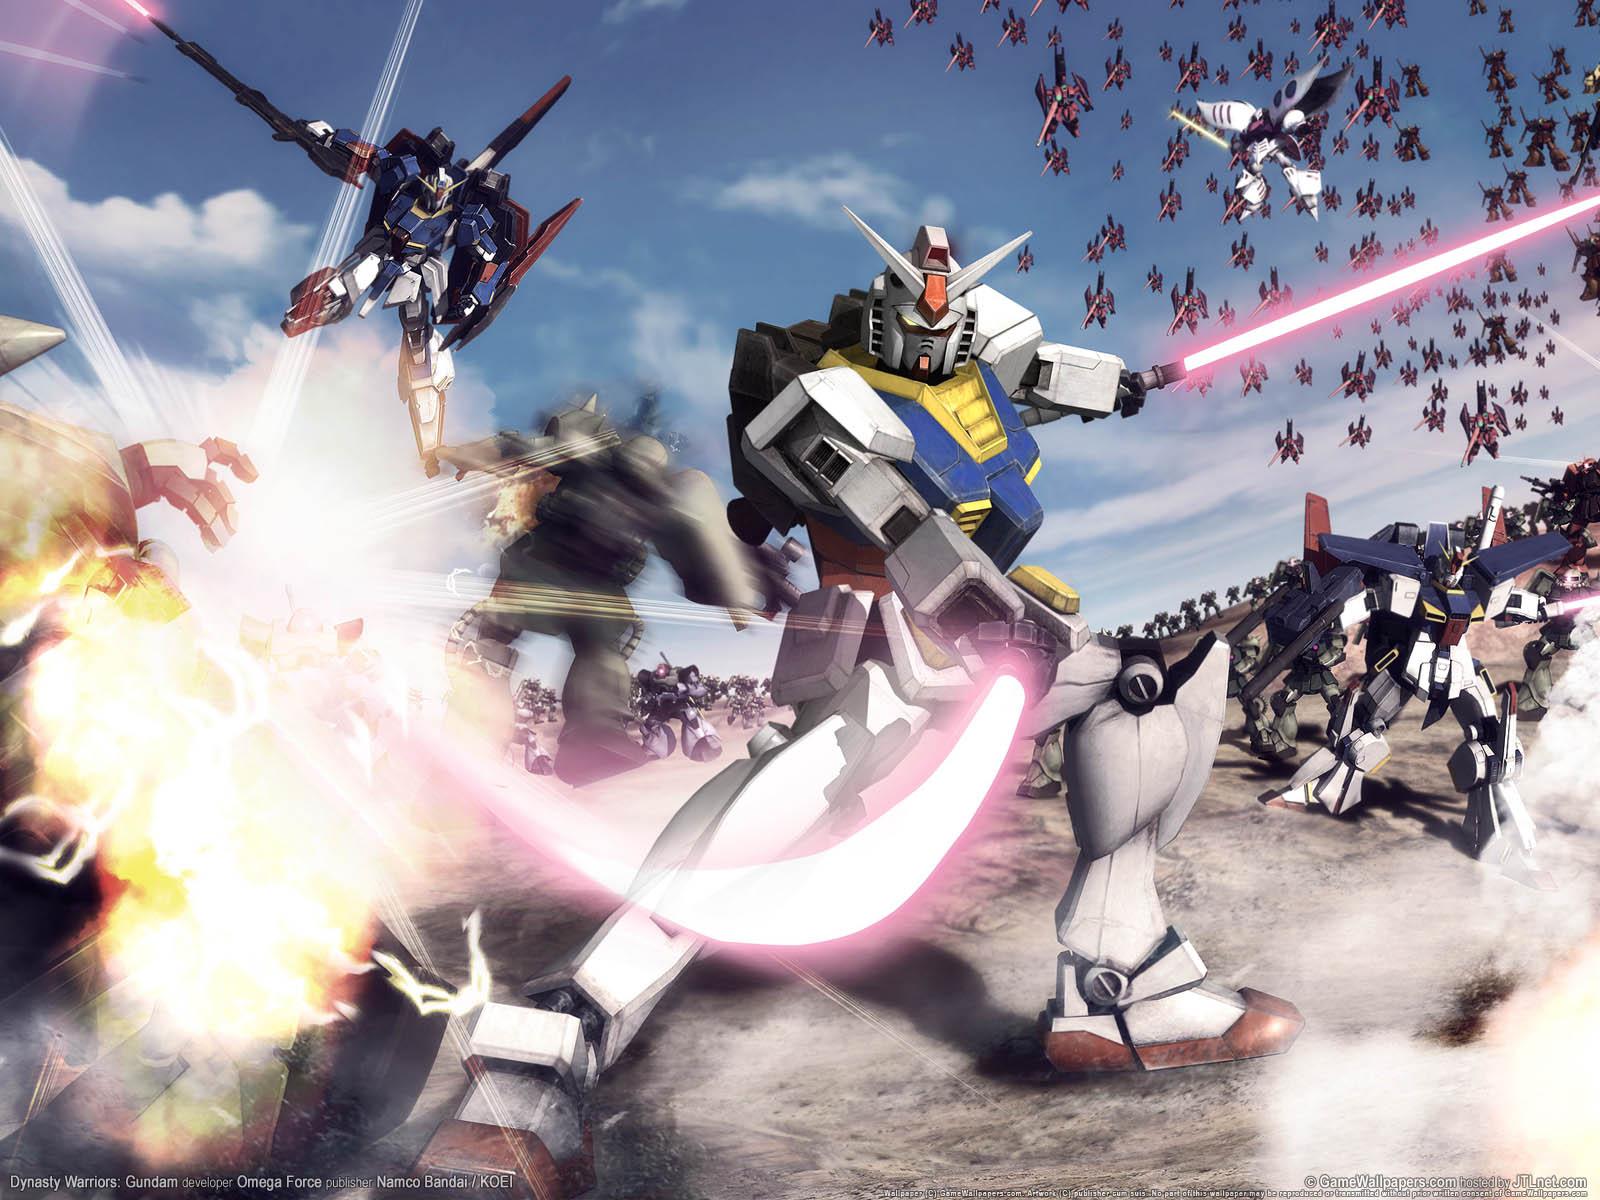 Gundam Wallpaper Top HD Wallpapers 1600x1200